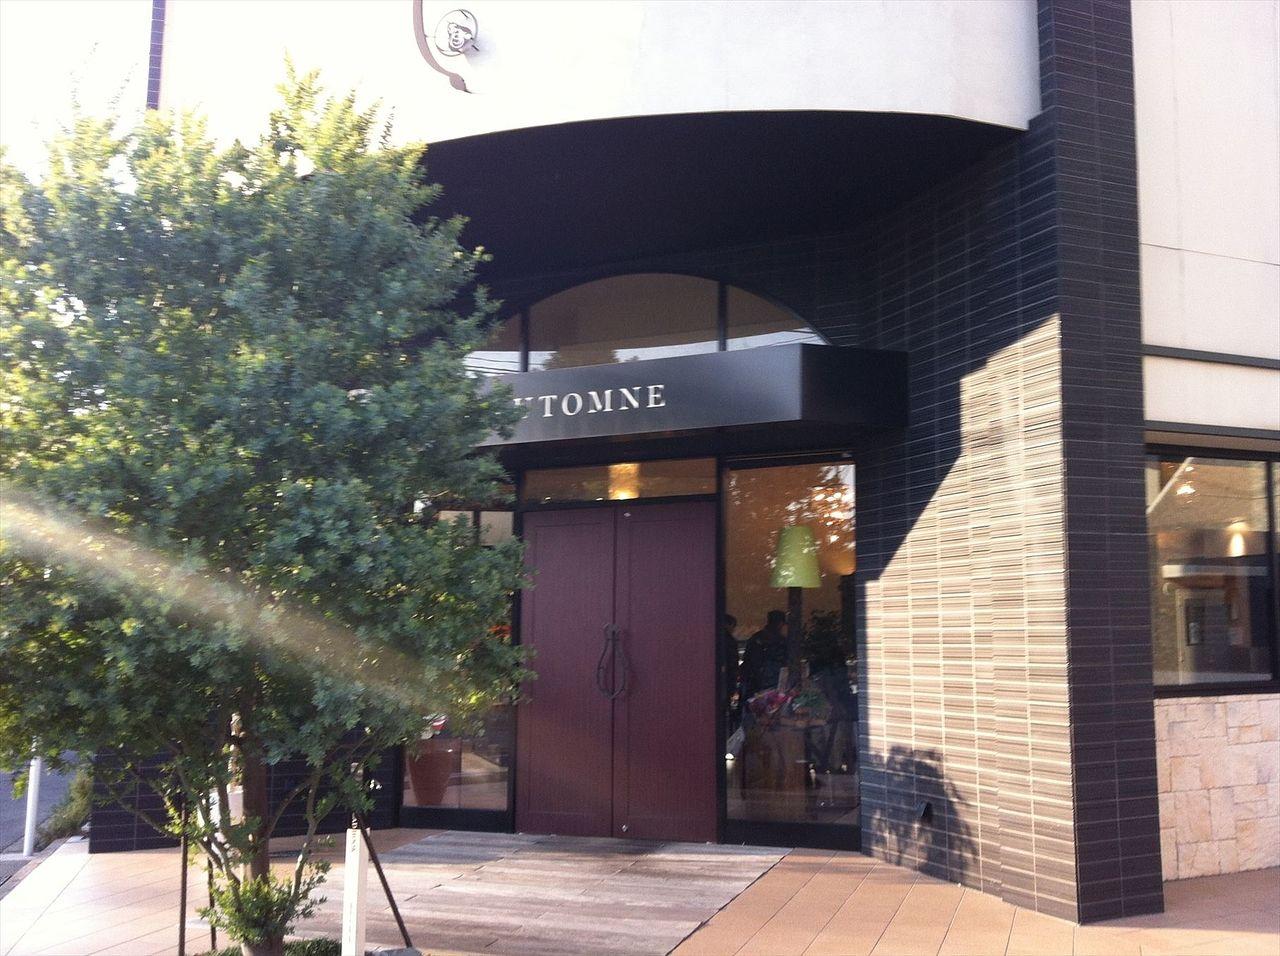 新江古田のお洒落なケーキ屋ロートンヌさん 本店は秋津にあります。前に友達に頂いた時、とても美味しかった記憶があります